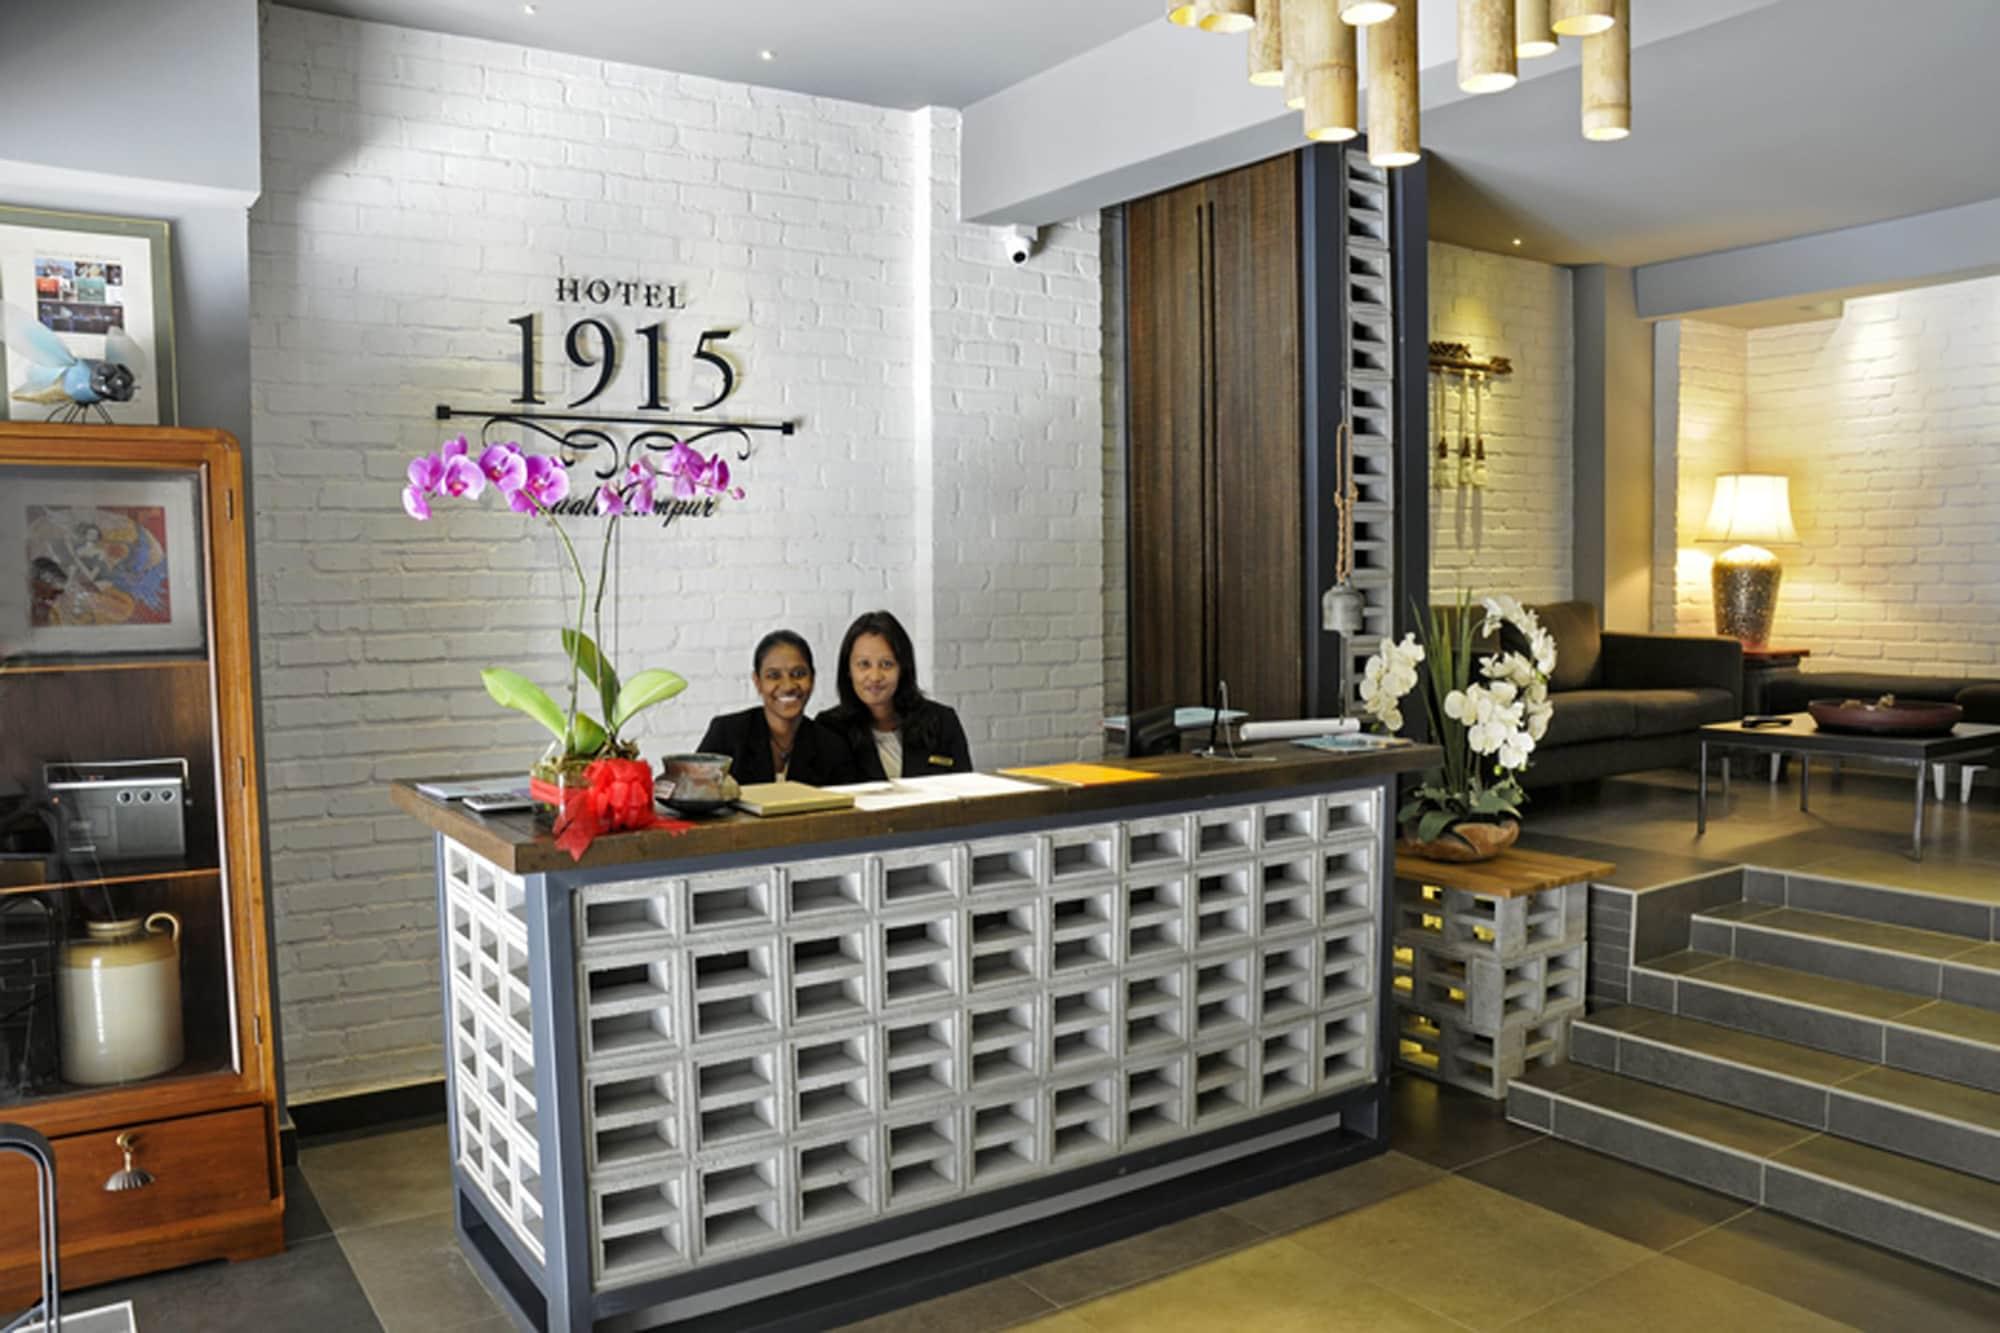 Hotel 1915, Kuala Lumpur